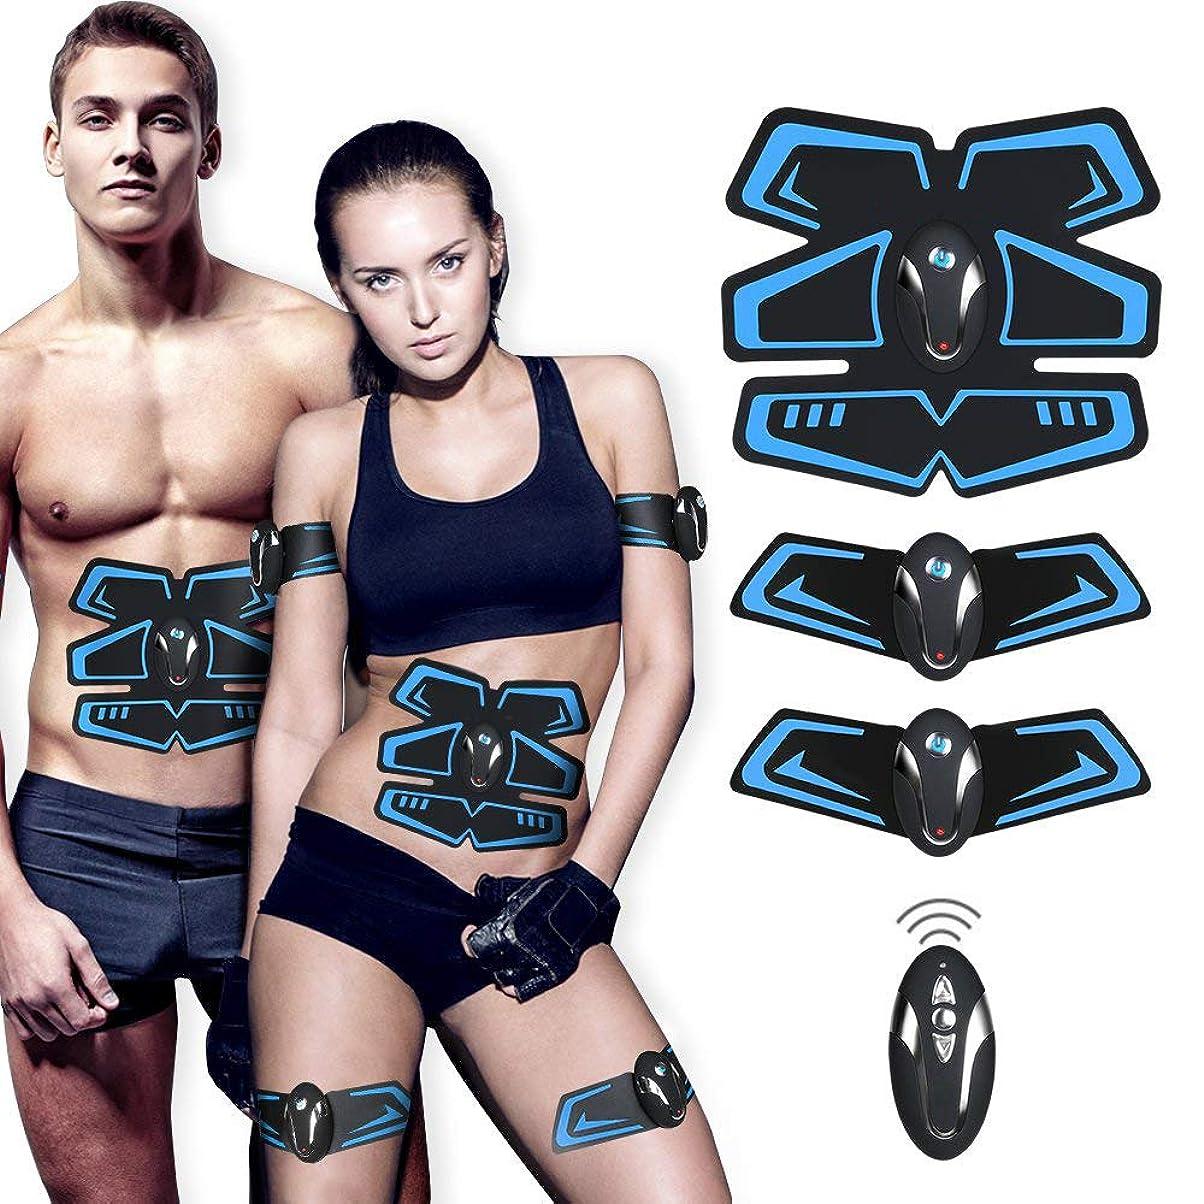 不幸不幸前に電気腹部筋肉刺激装置、ボディウエストトレーナー、フィットネス痩身ベルト男性と女性の減量マッサージ